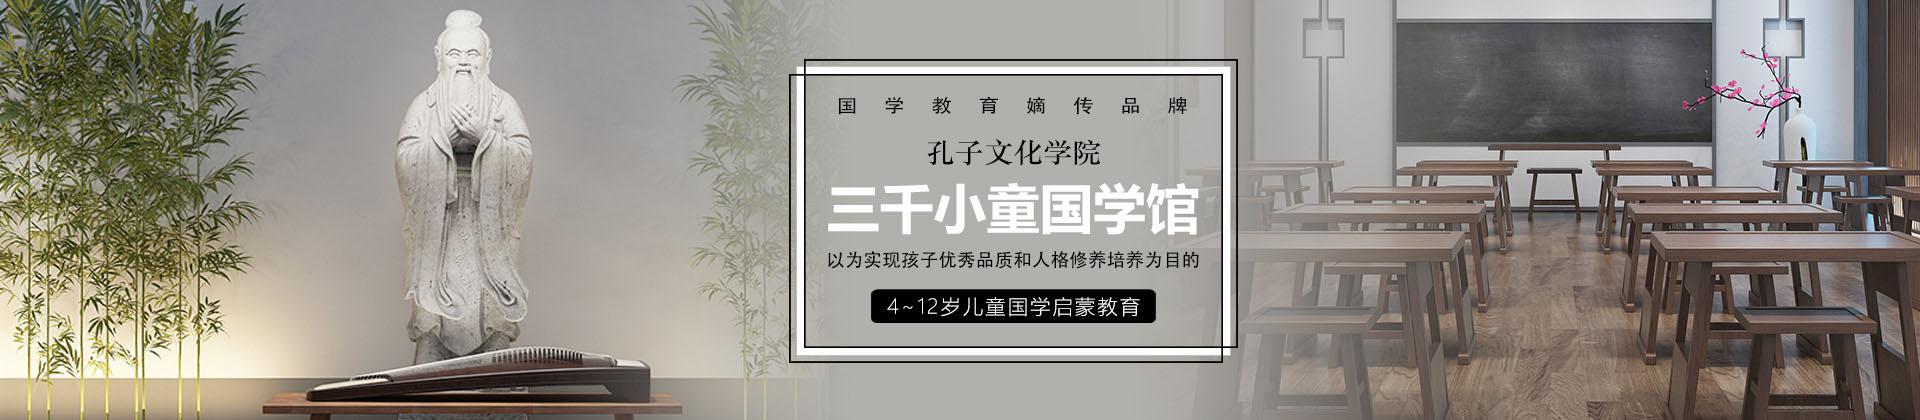 广州三千小童国学馆